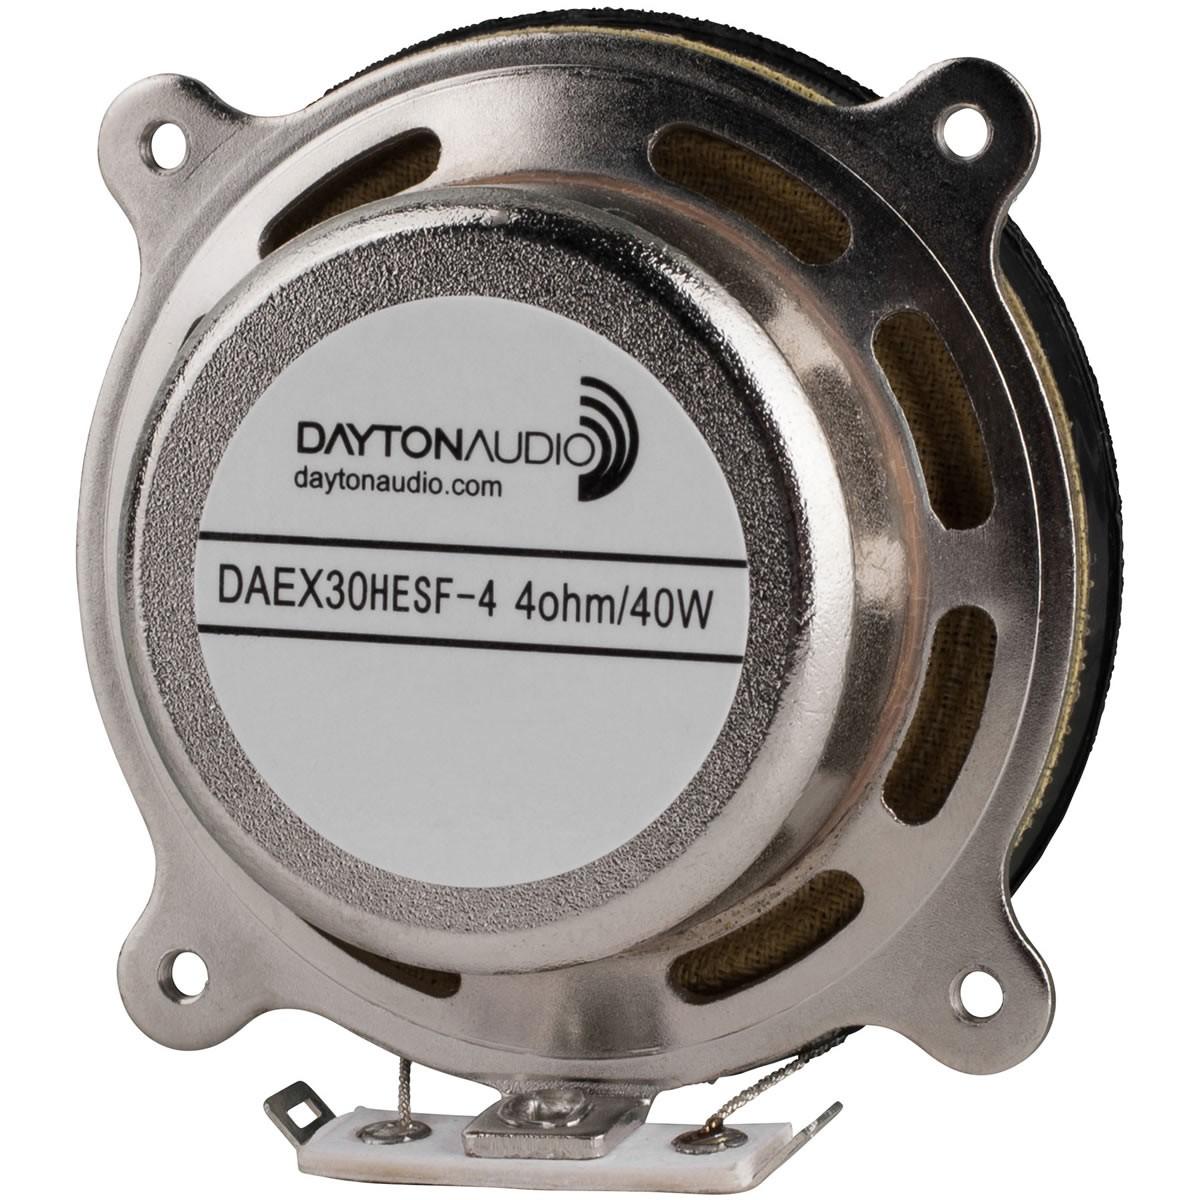 DAYTON AUDIO DAEX30HESF-4 Haut-Parleur Vibreur Exciter Blindé 40W 4 Ohm Ø3cm